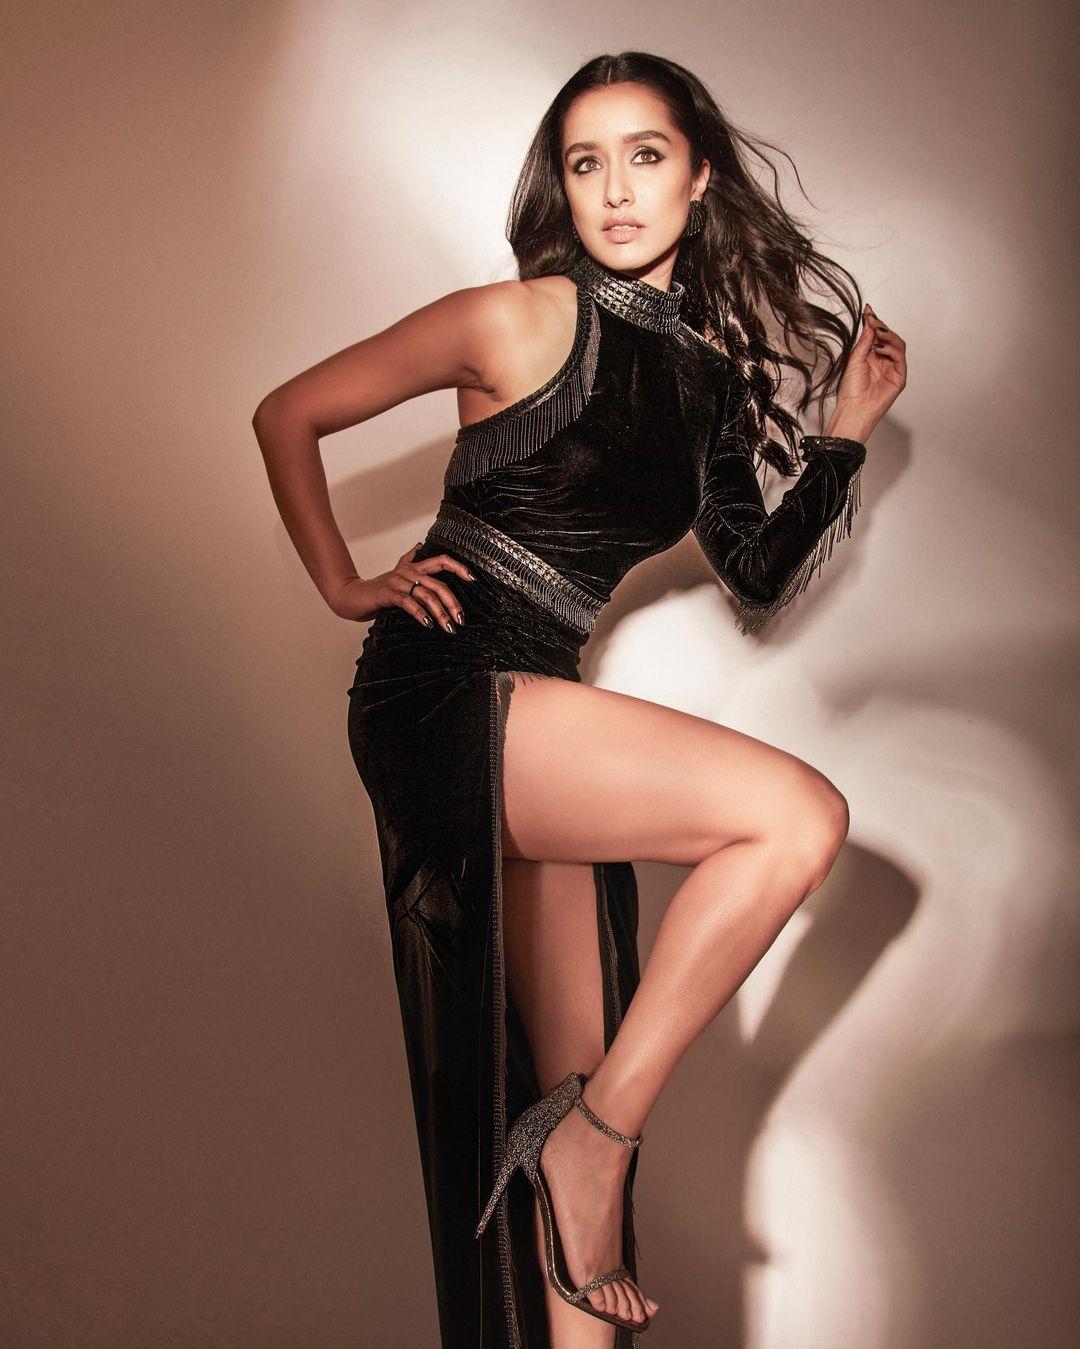 Happy Birthday Shraddha Kapoor: तीन पत्ती से किया डेब्यू, 'आशिकी 2' से मिली पहचान, कई एक्टर्स से जुड़ा है श्रद्धा का नाम